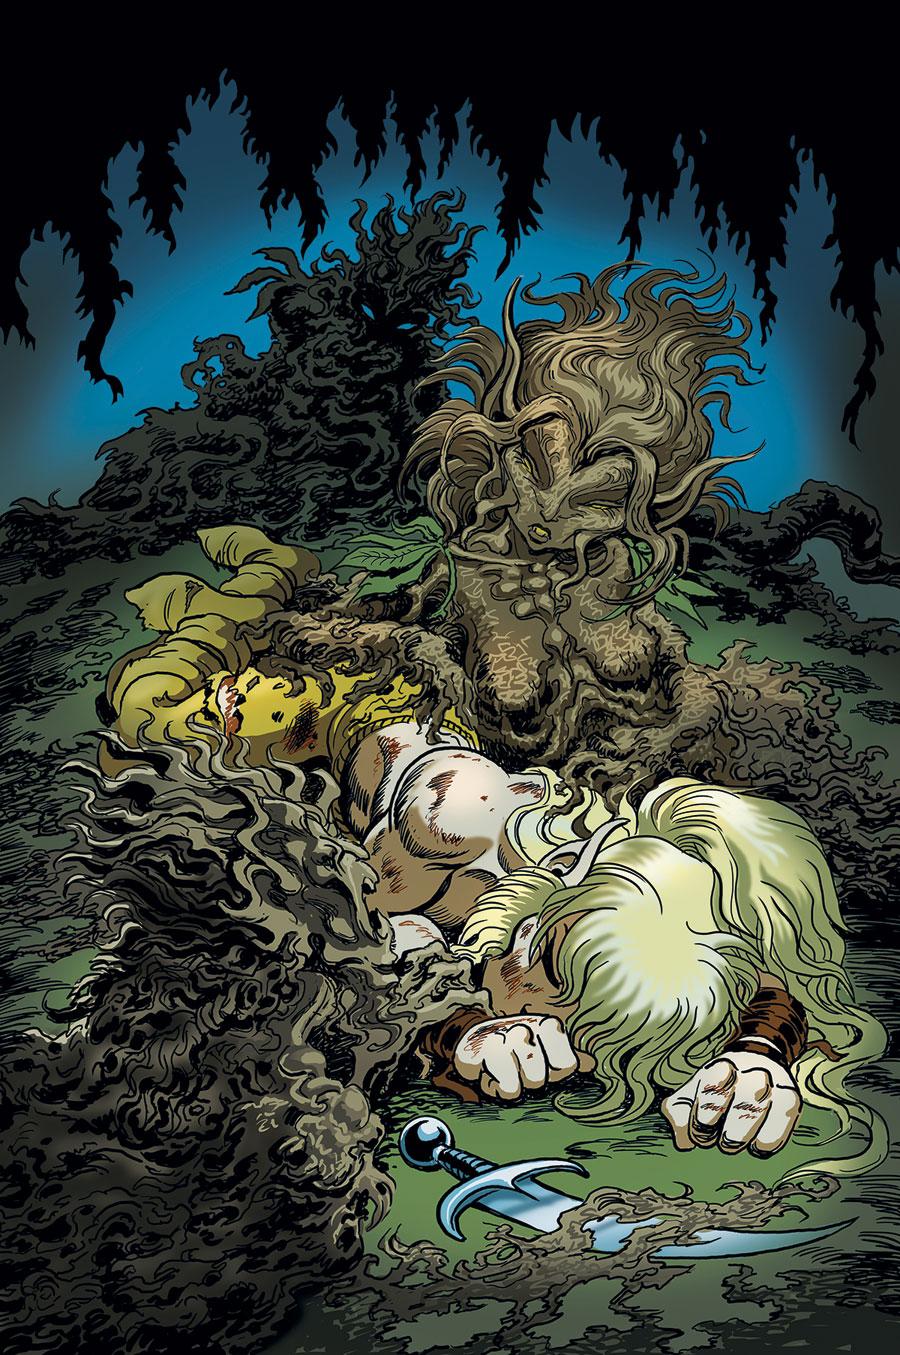 Final Quest #14 ElfQuestFinalQuest-14-706e6